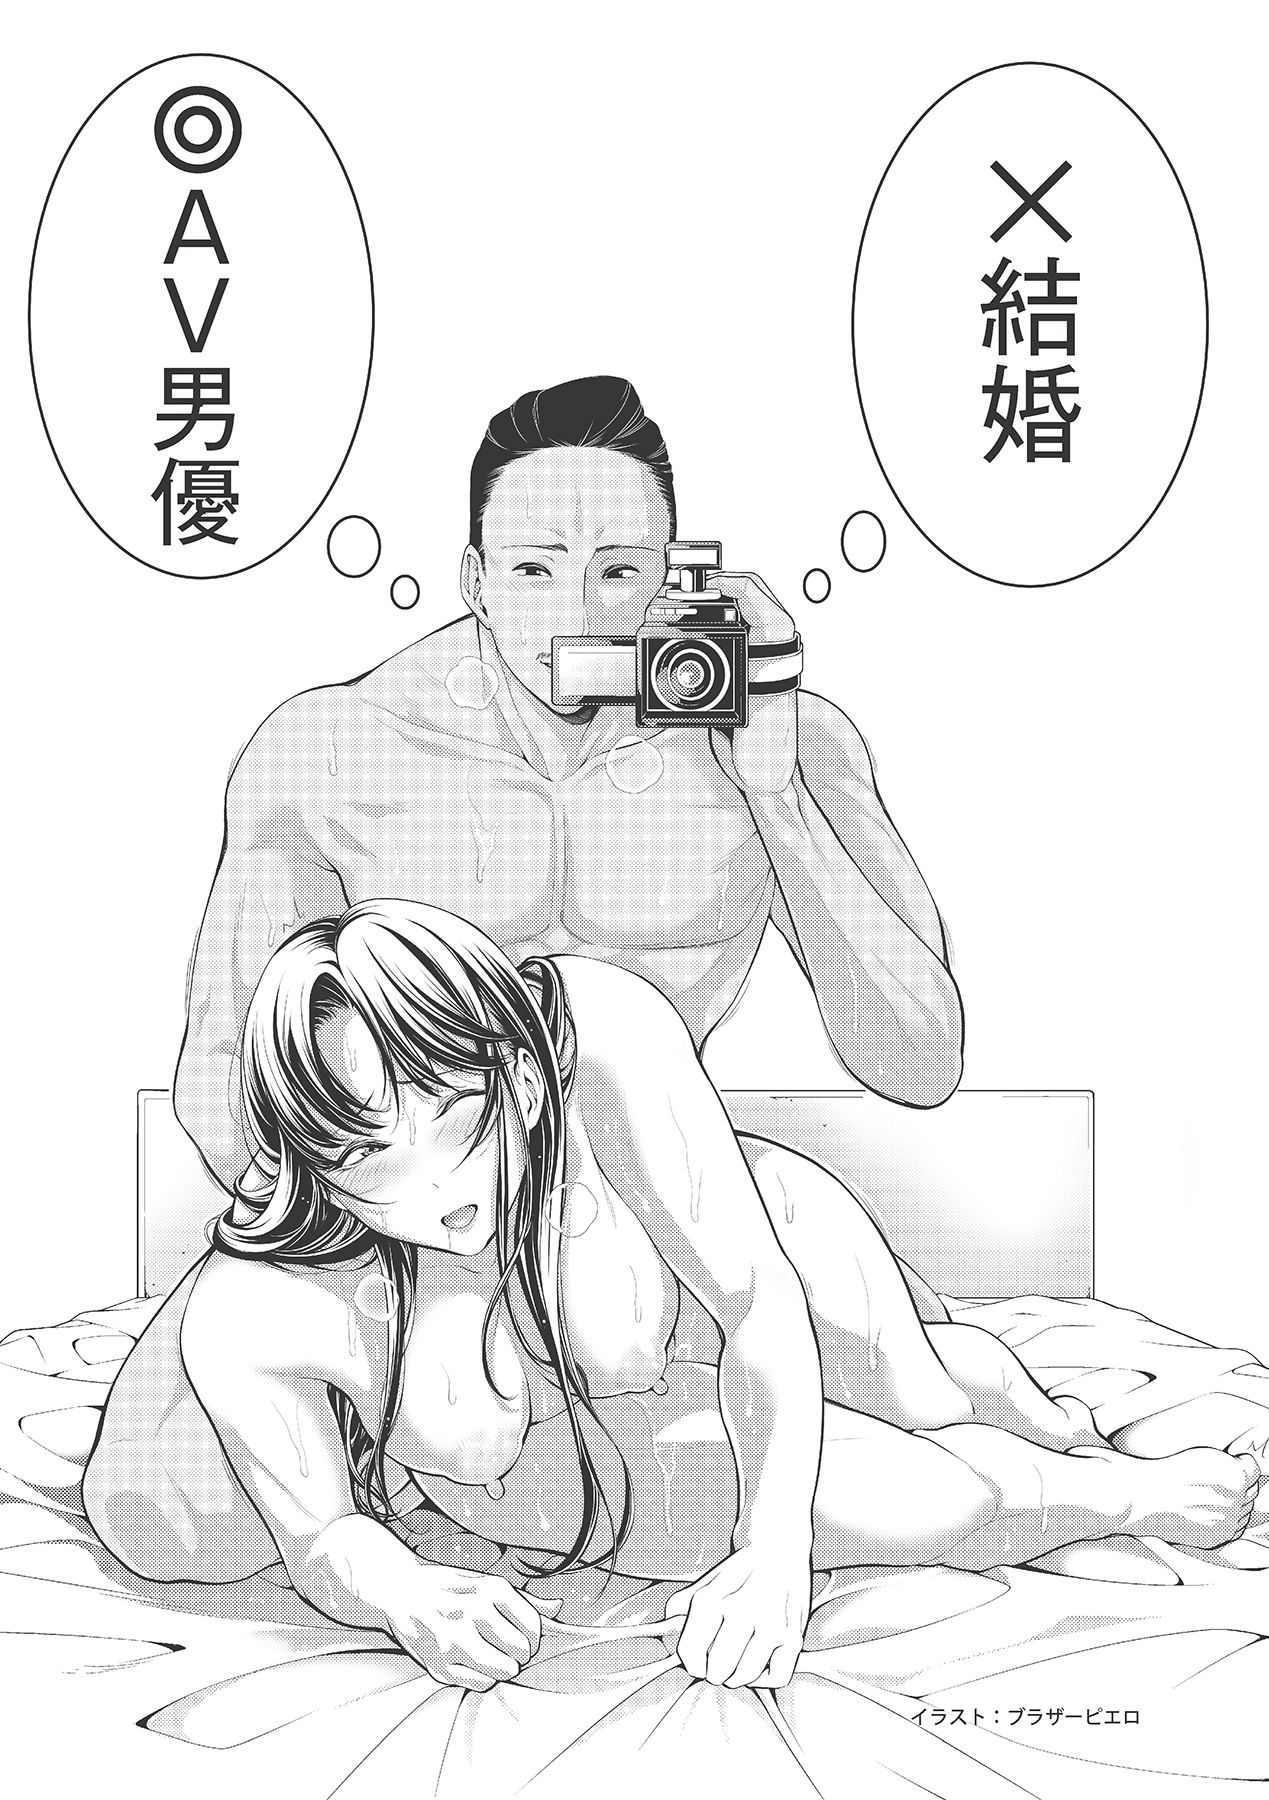 AV男優になろう! イラスト版 ヤリすぎッ! 94